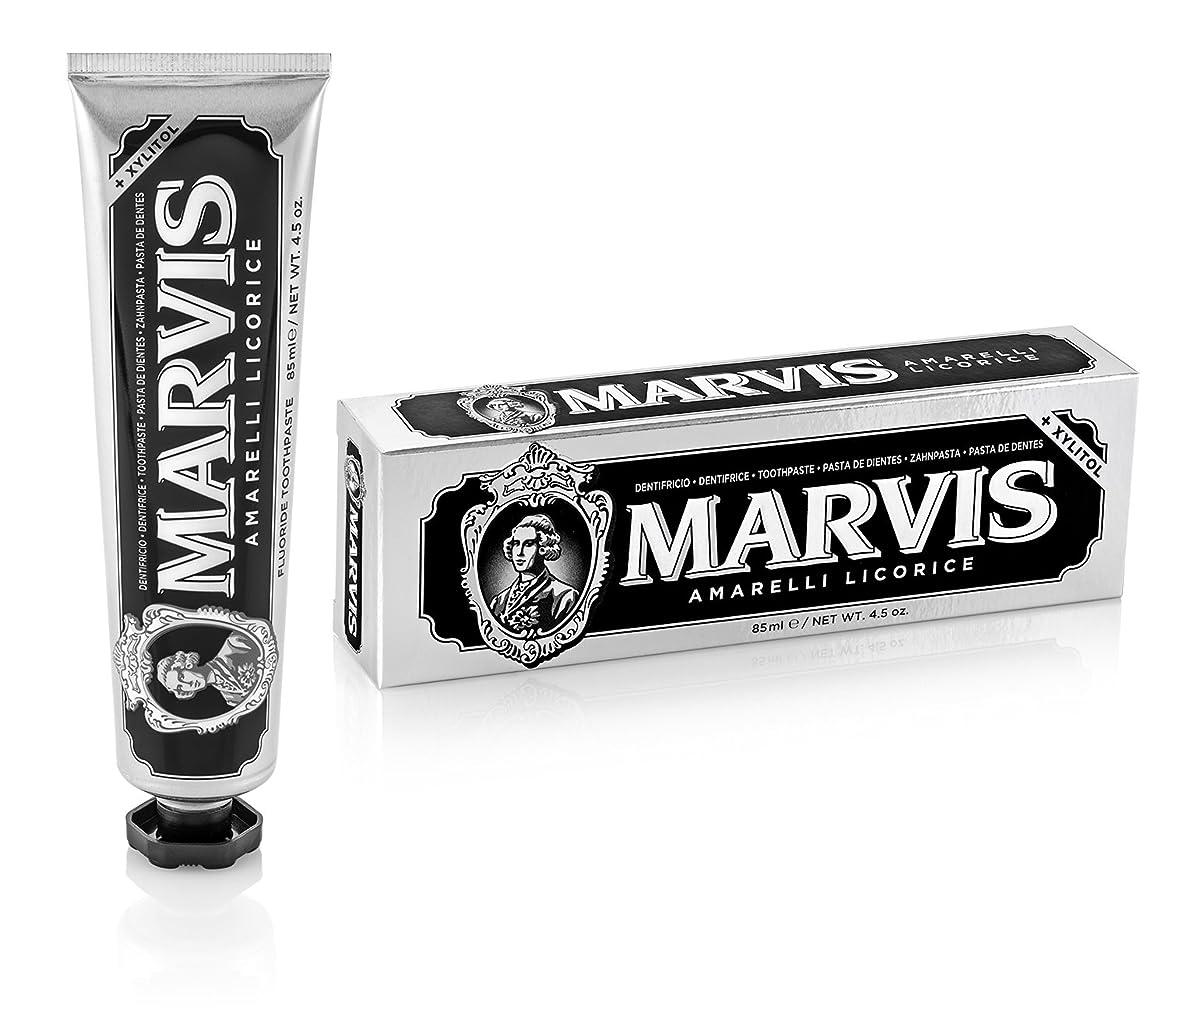 切る表面的な陰謀マーヴィス Amarelli Licorice Toothpaste With Xylitol 85ml/4.5oz並行輸入品